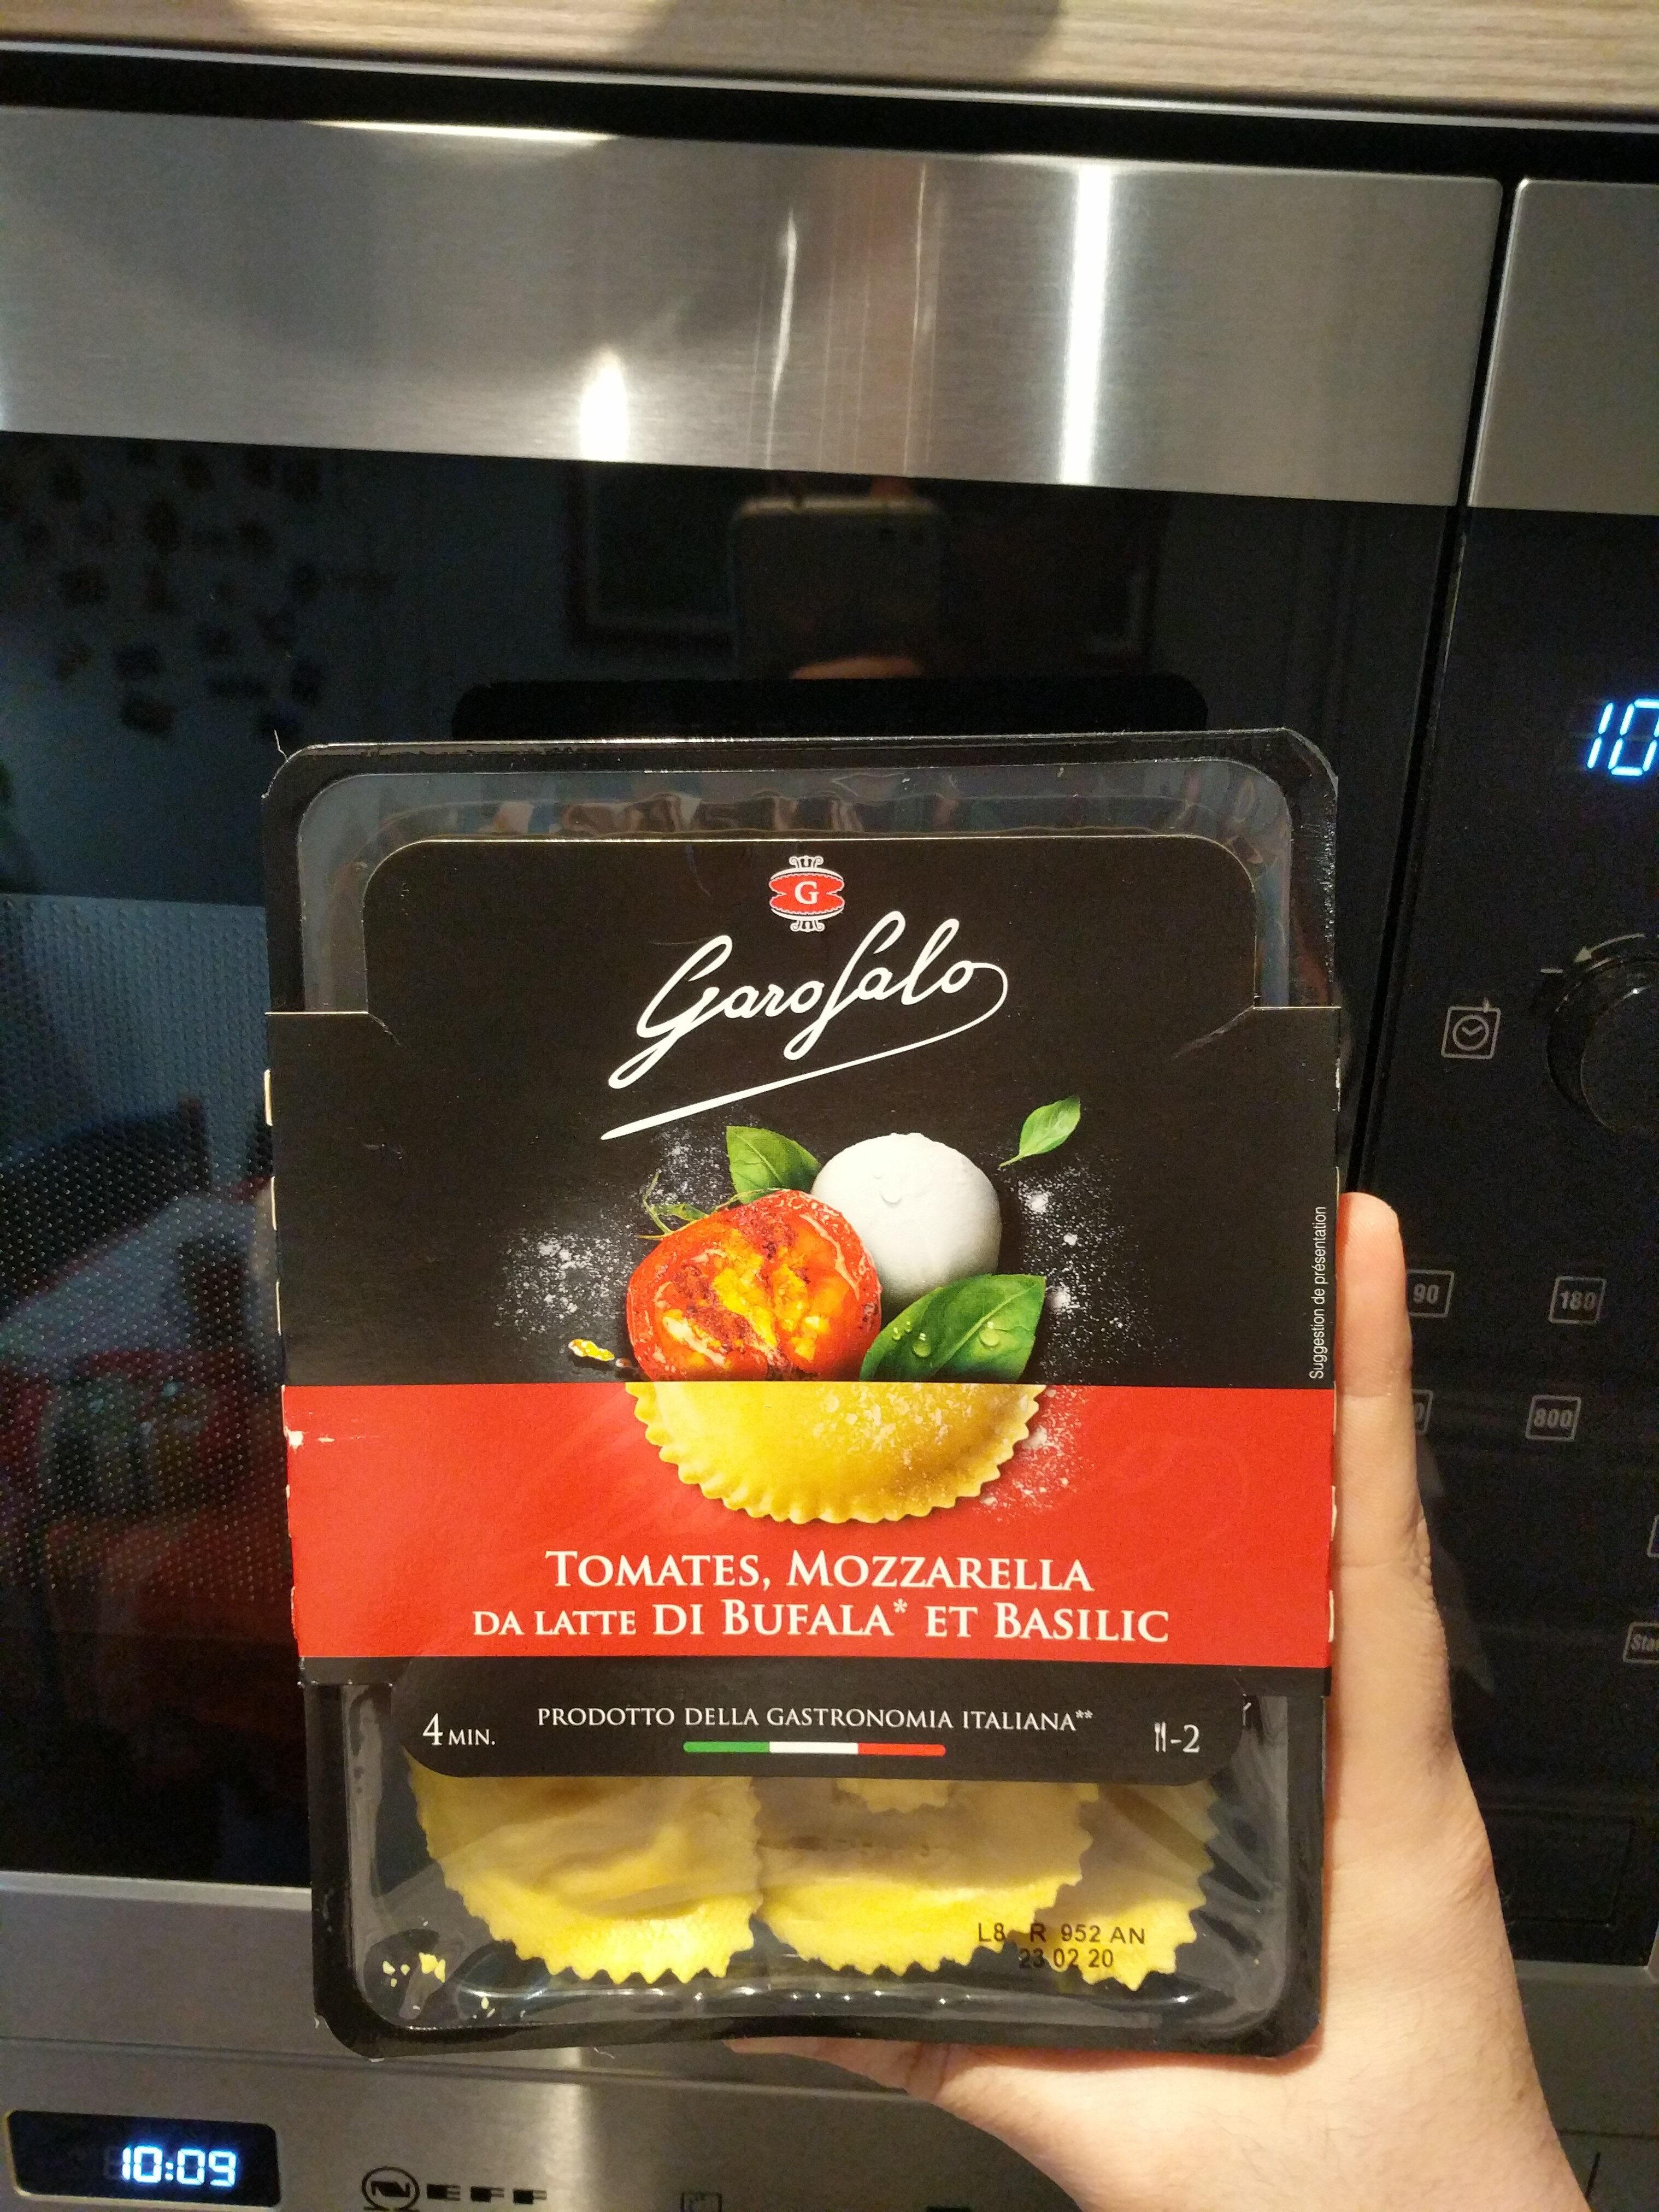 Pomodori Mozzarella e Basilico - Product